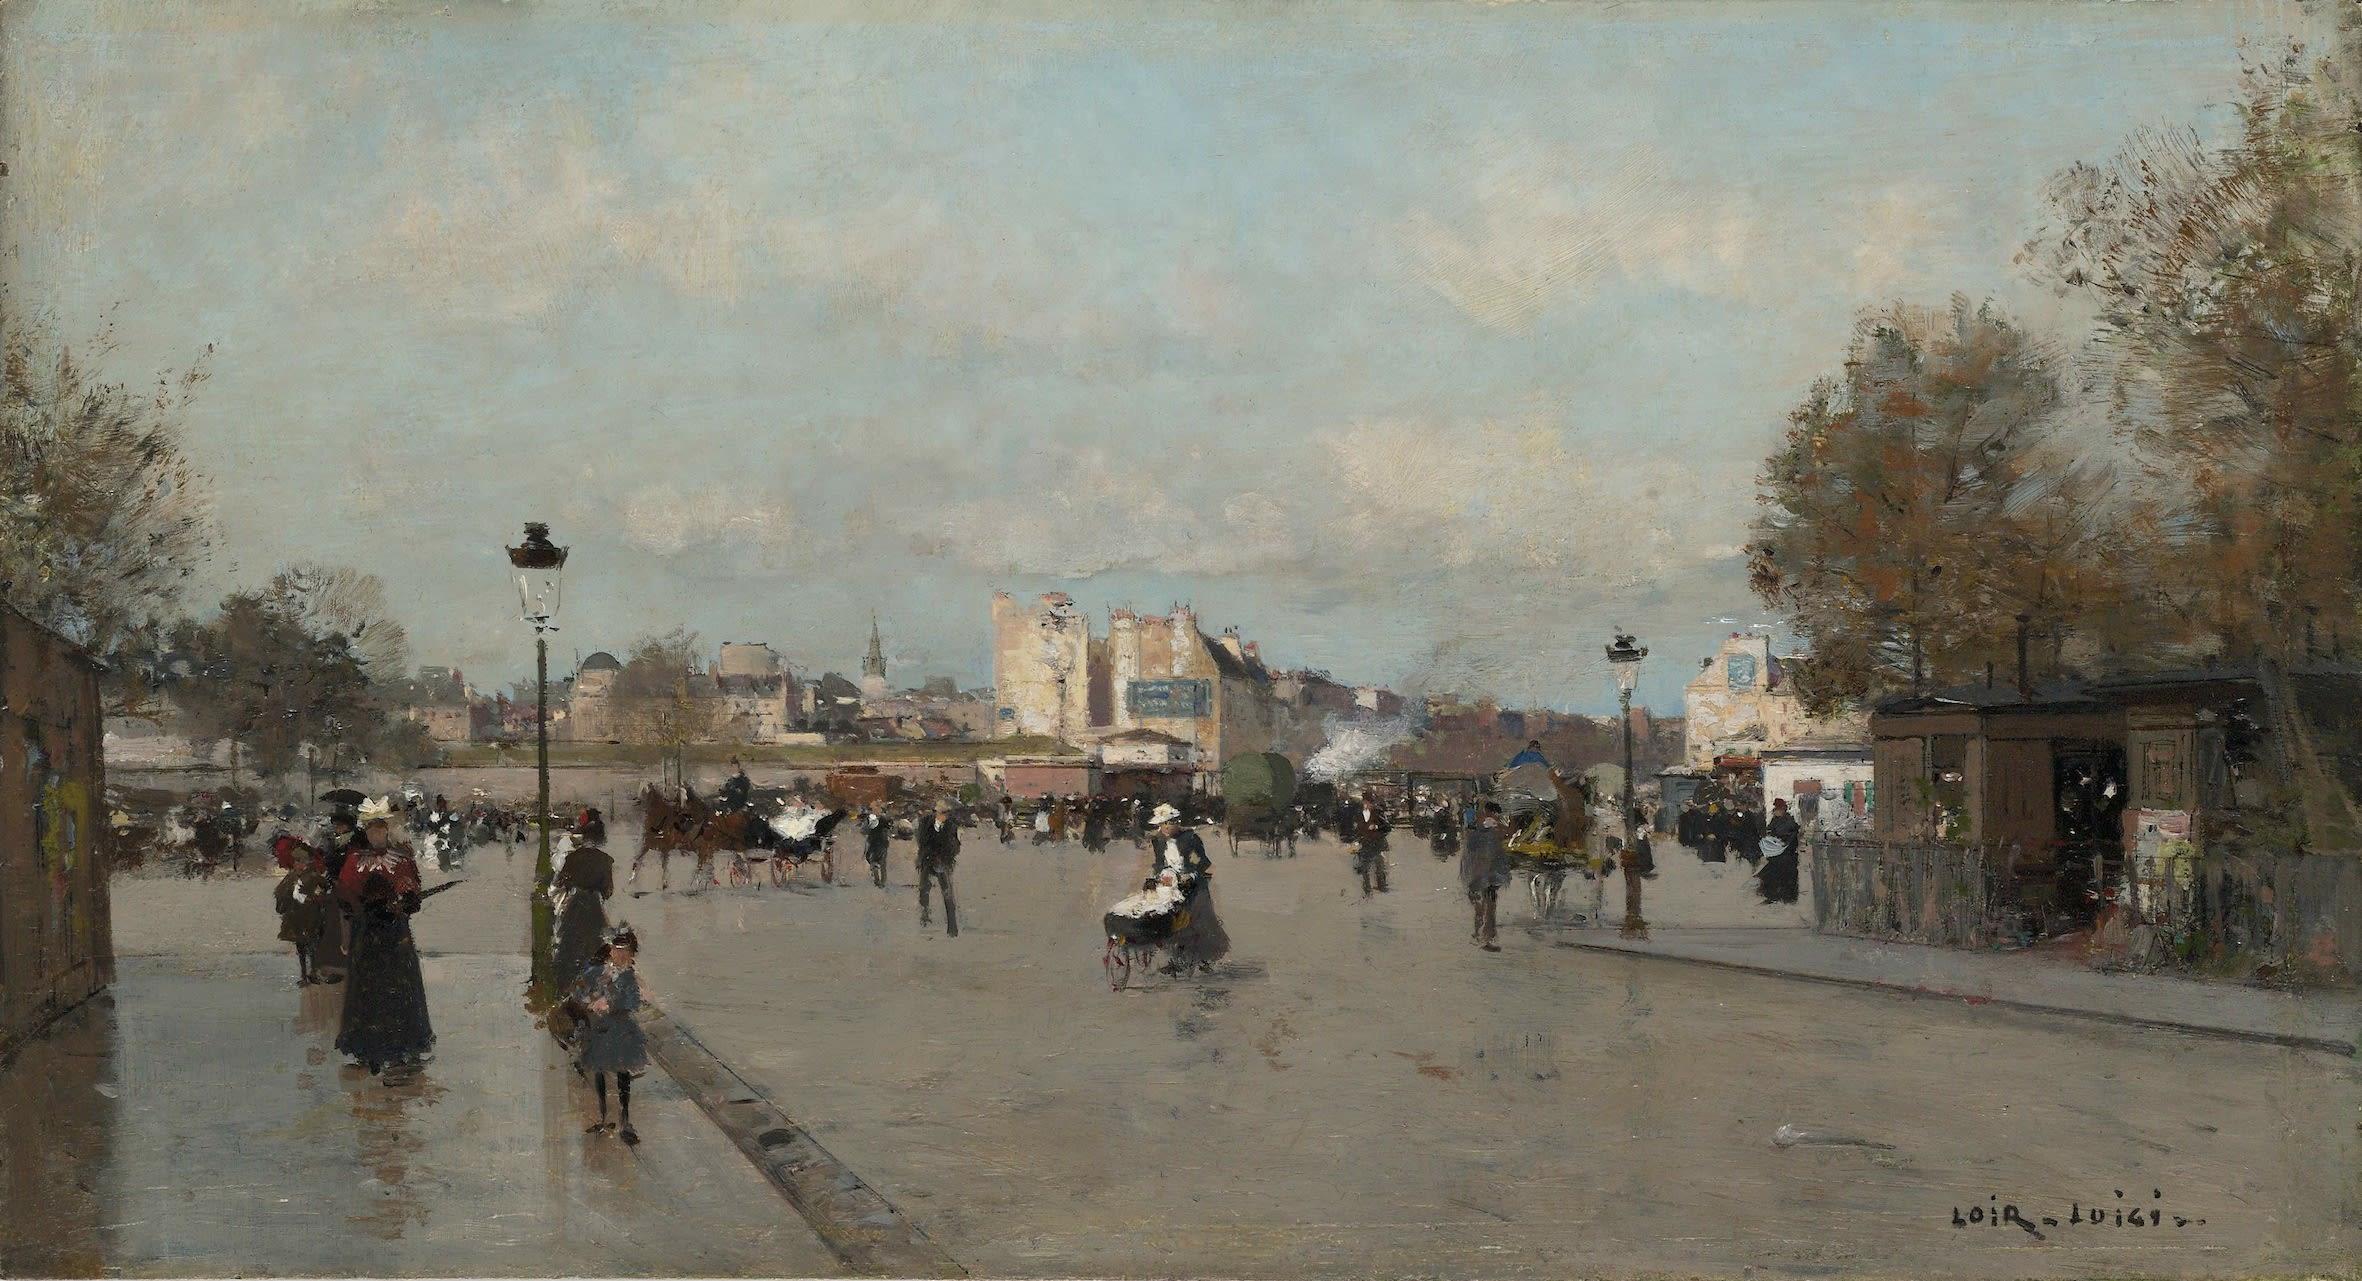 <span class=&#34;link fancybox-details-link&#34;><a href=&#34;/artists/59-luigi-loir/works/9401-luigi-loir-sur-le-boulevard-berthier-paris/&#34;>View Detail Page</a></span><div class=&#34;artist&#34;><span class=&#34;artist&#34;><strong>Luigi Loir</strong></span></div><div class=&#34;title&#34;><em>Sur le boulevard Berthier, Paris</em></div><div class=&#34;signed_and_dated&#34;>Signed lower right Loir Luigi</div><div class=&#34;medium&#34;>Oil on panel</div><div class=&#34;dimensions&#34;>22 x 40.4 cm<br /> 8 5/8 x 15 7/8 inches</div>